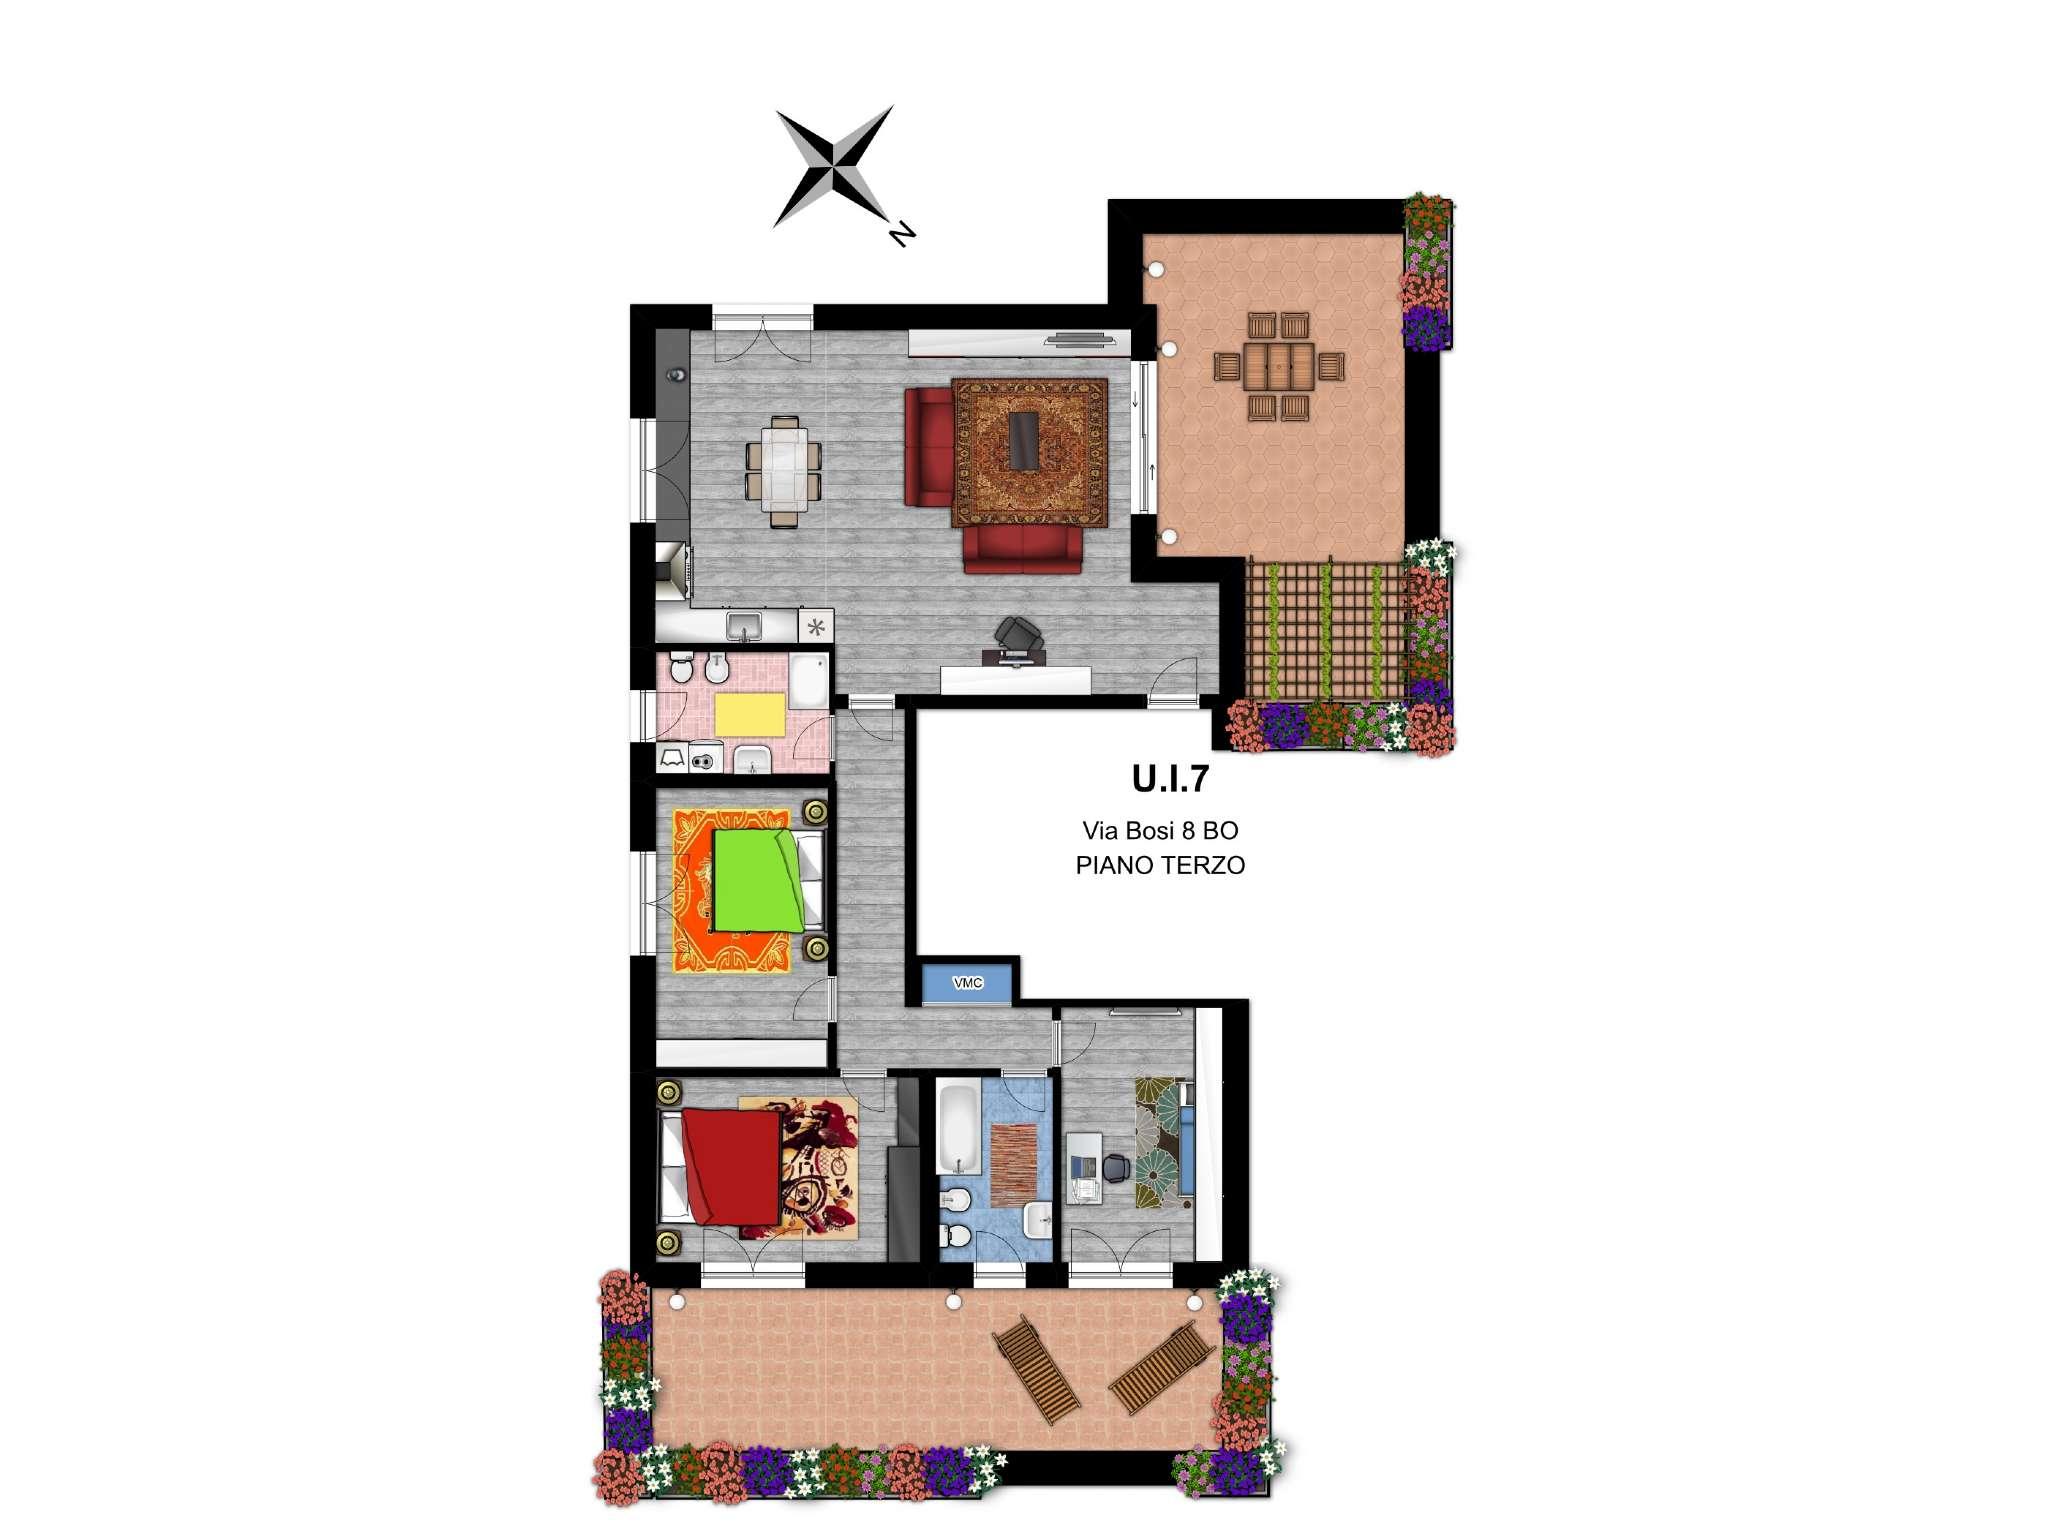 Interno 7 Appartamento a Bologna via Bosi